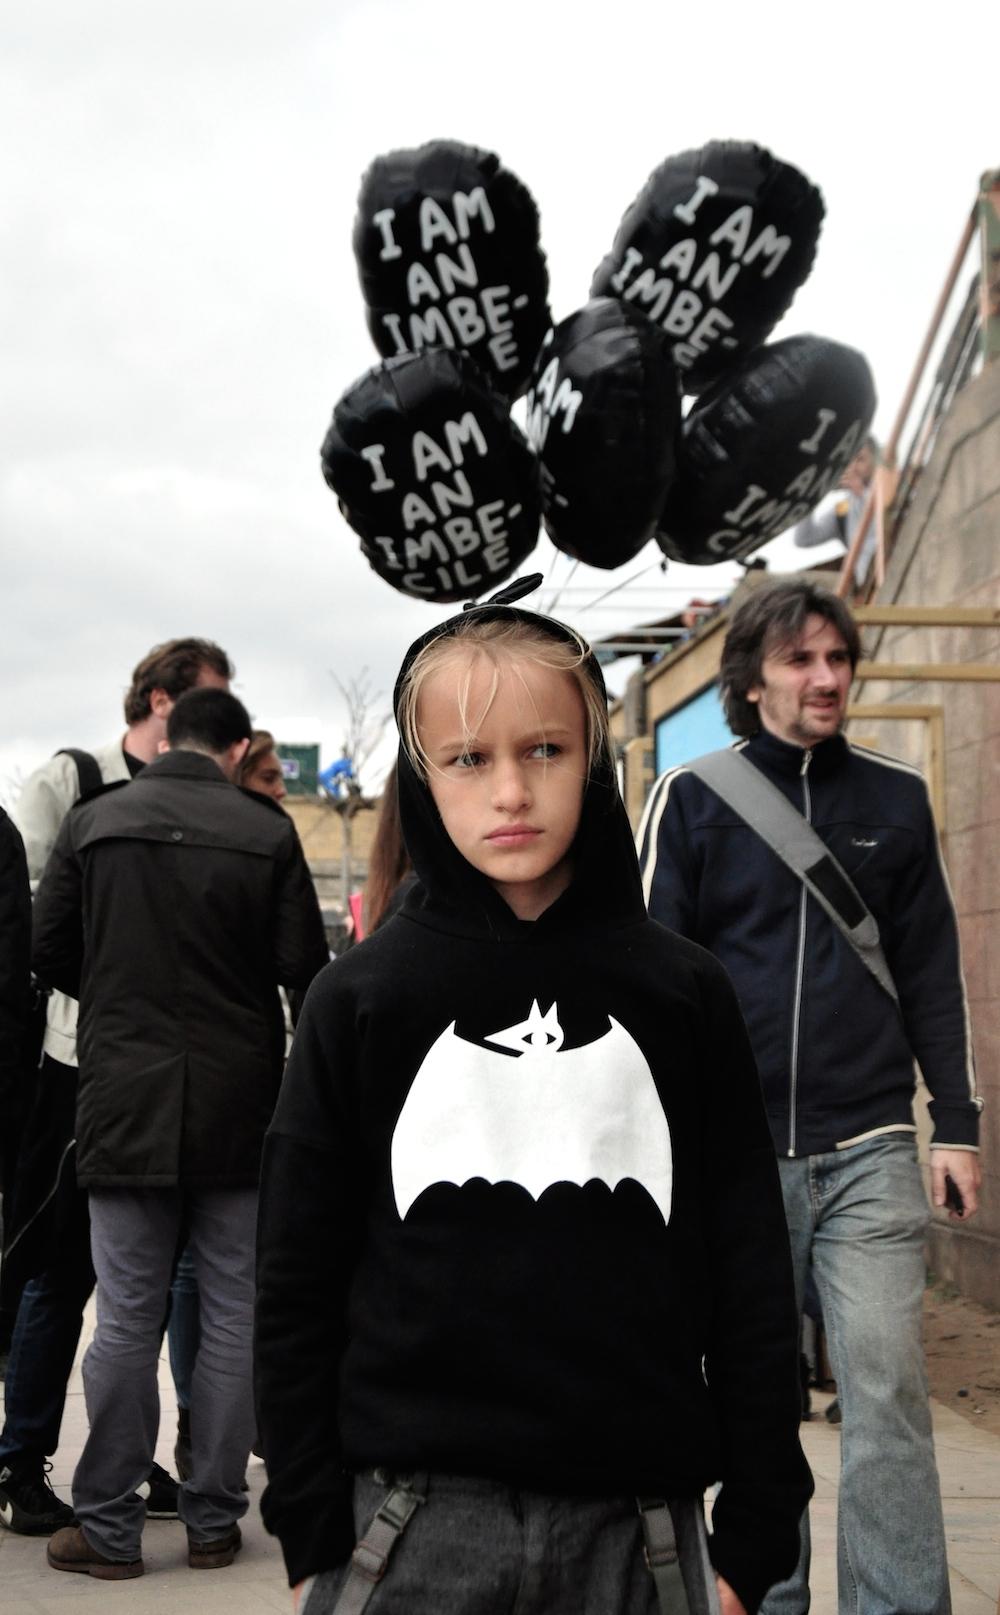 Dismaland_banksy__beau_loves_monkey_mccoy_i_am_an_imbecile_balloon